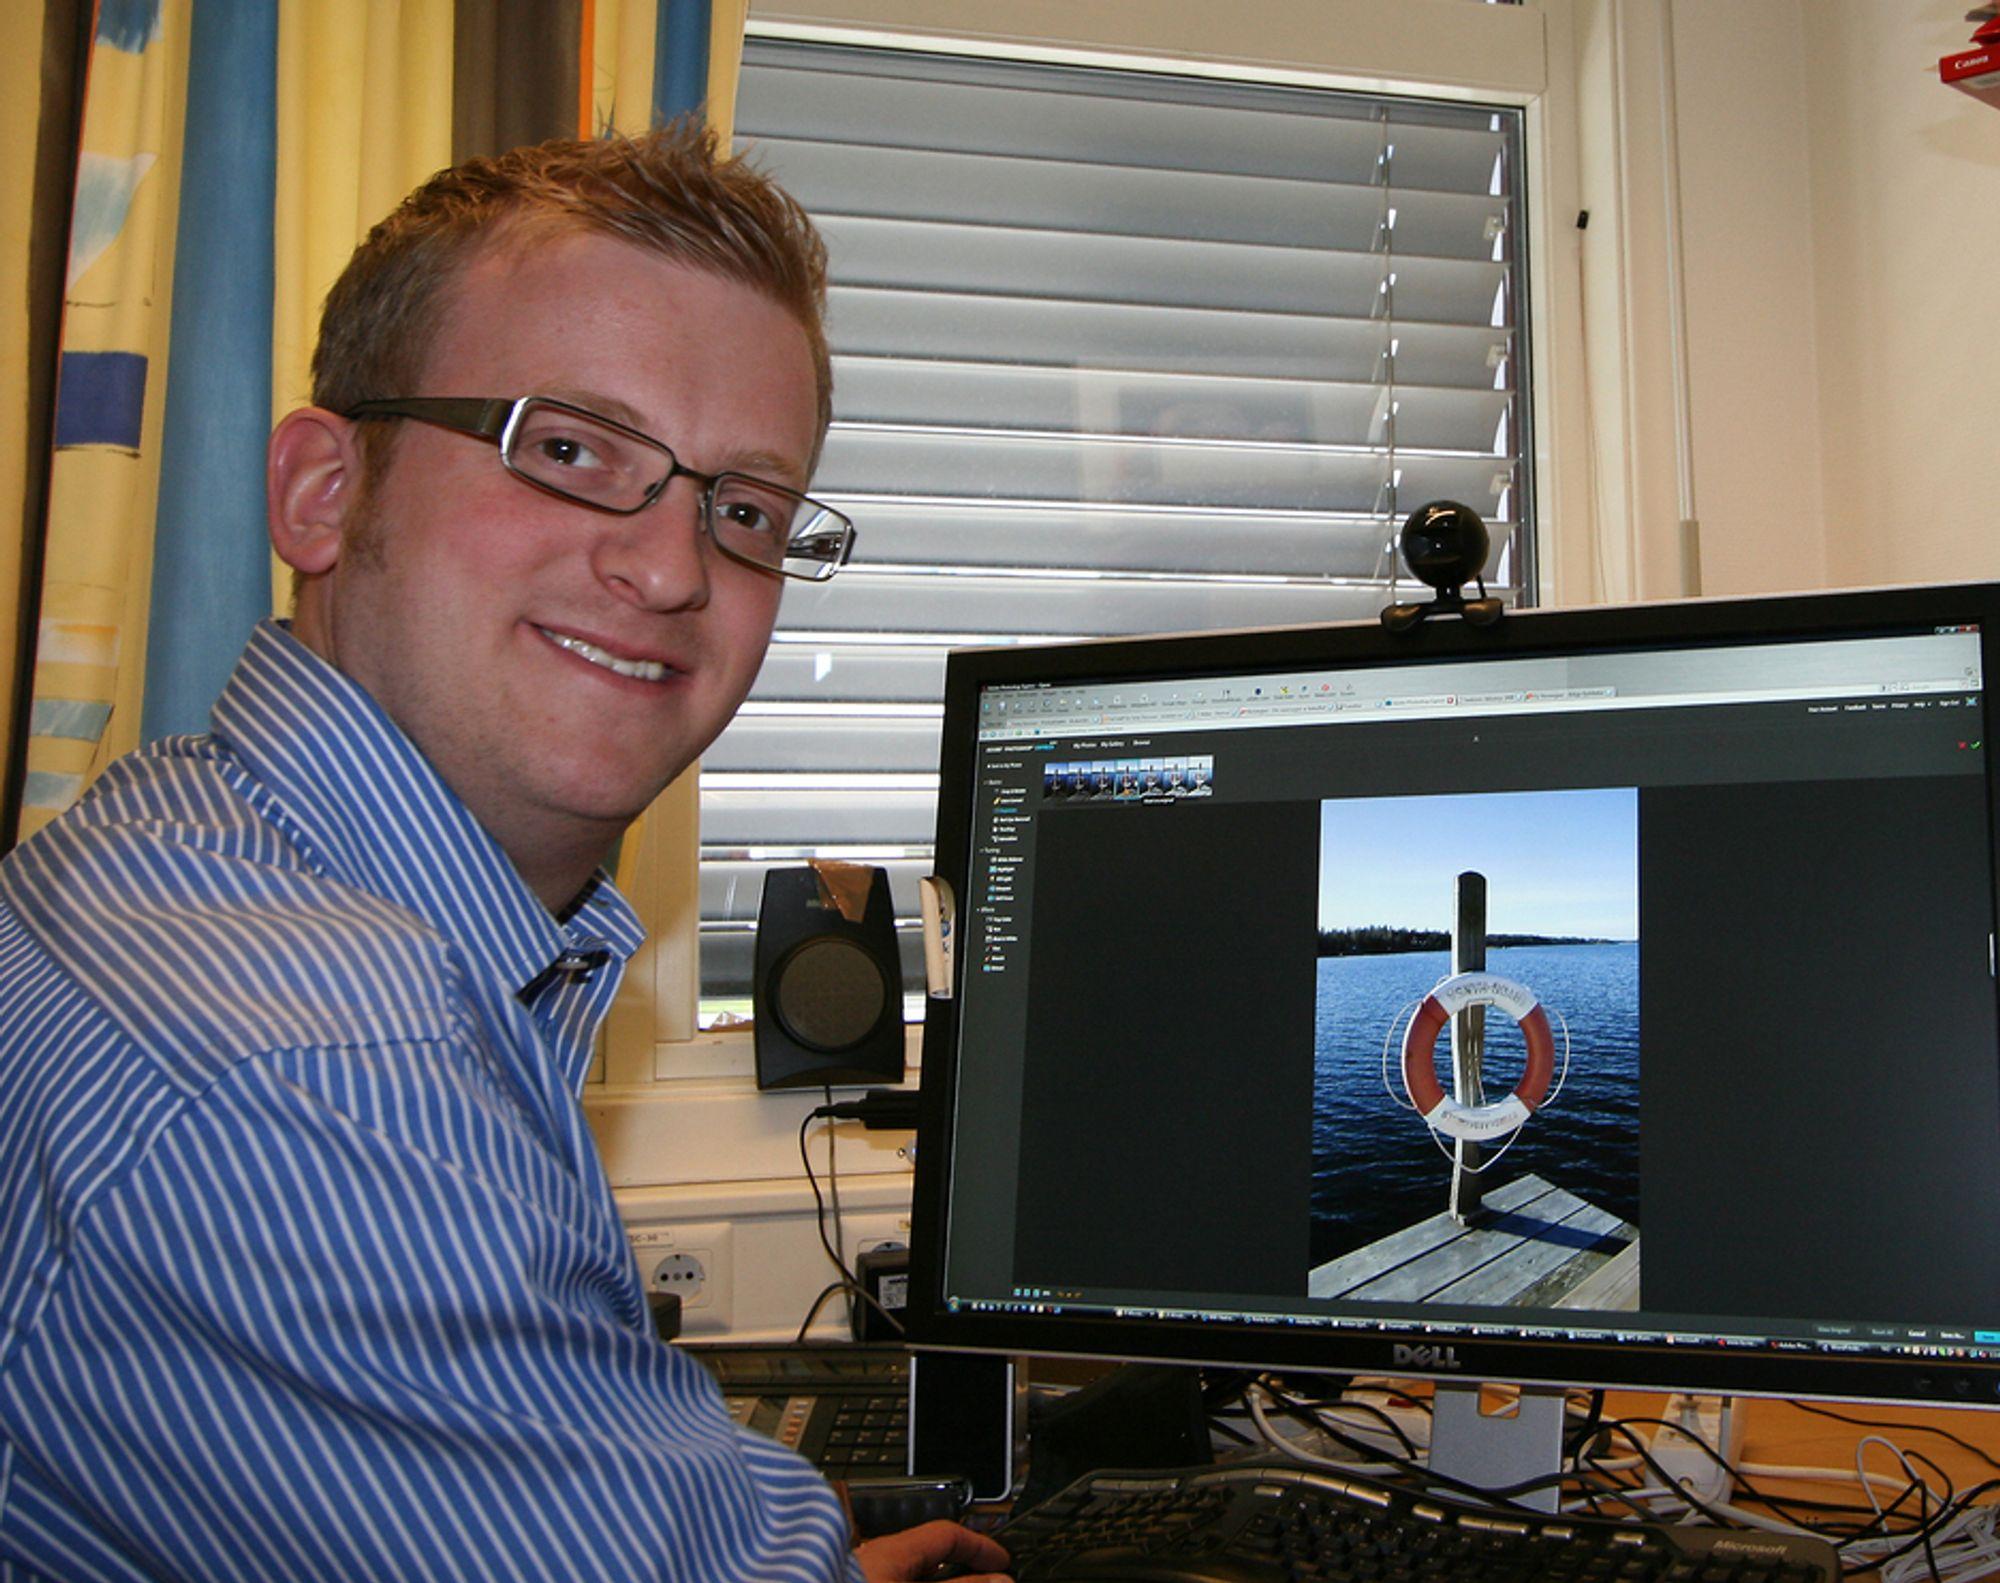 VERSÅGOD: Forretningsutvikler Fredrik Johannesson i Adobe vil at folk skal ta i bruk den gratis nettversjonen av Photoshop og håper at de skal bli ivrige nok til å kjøpe en av de vanlige utgavene.